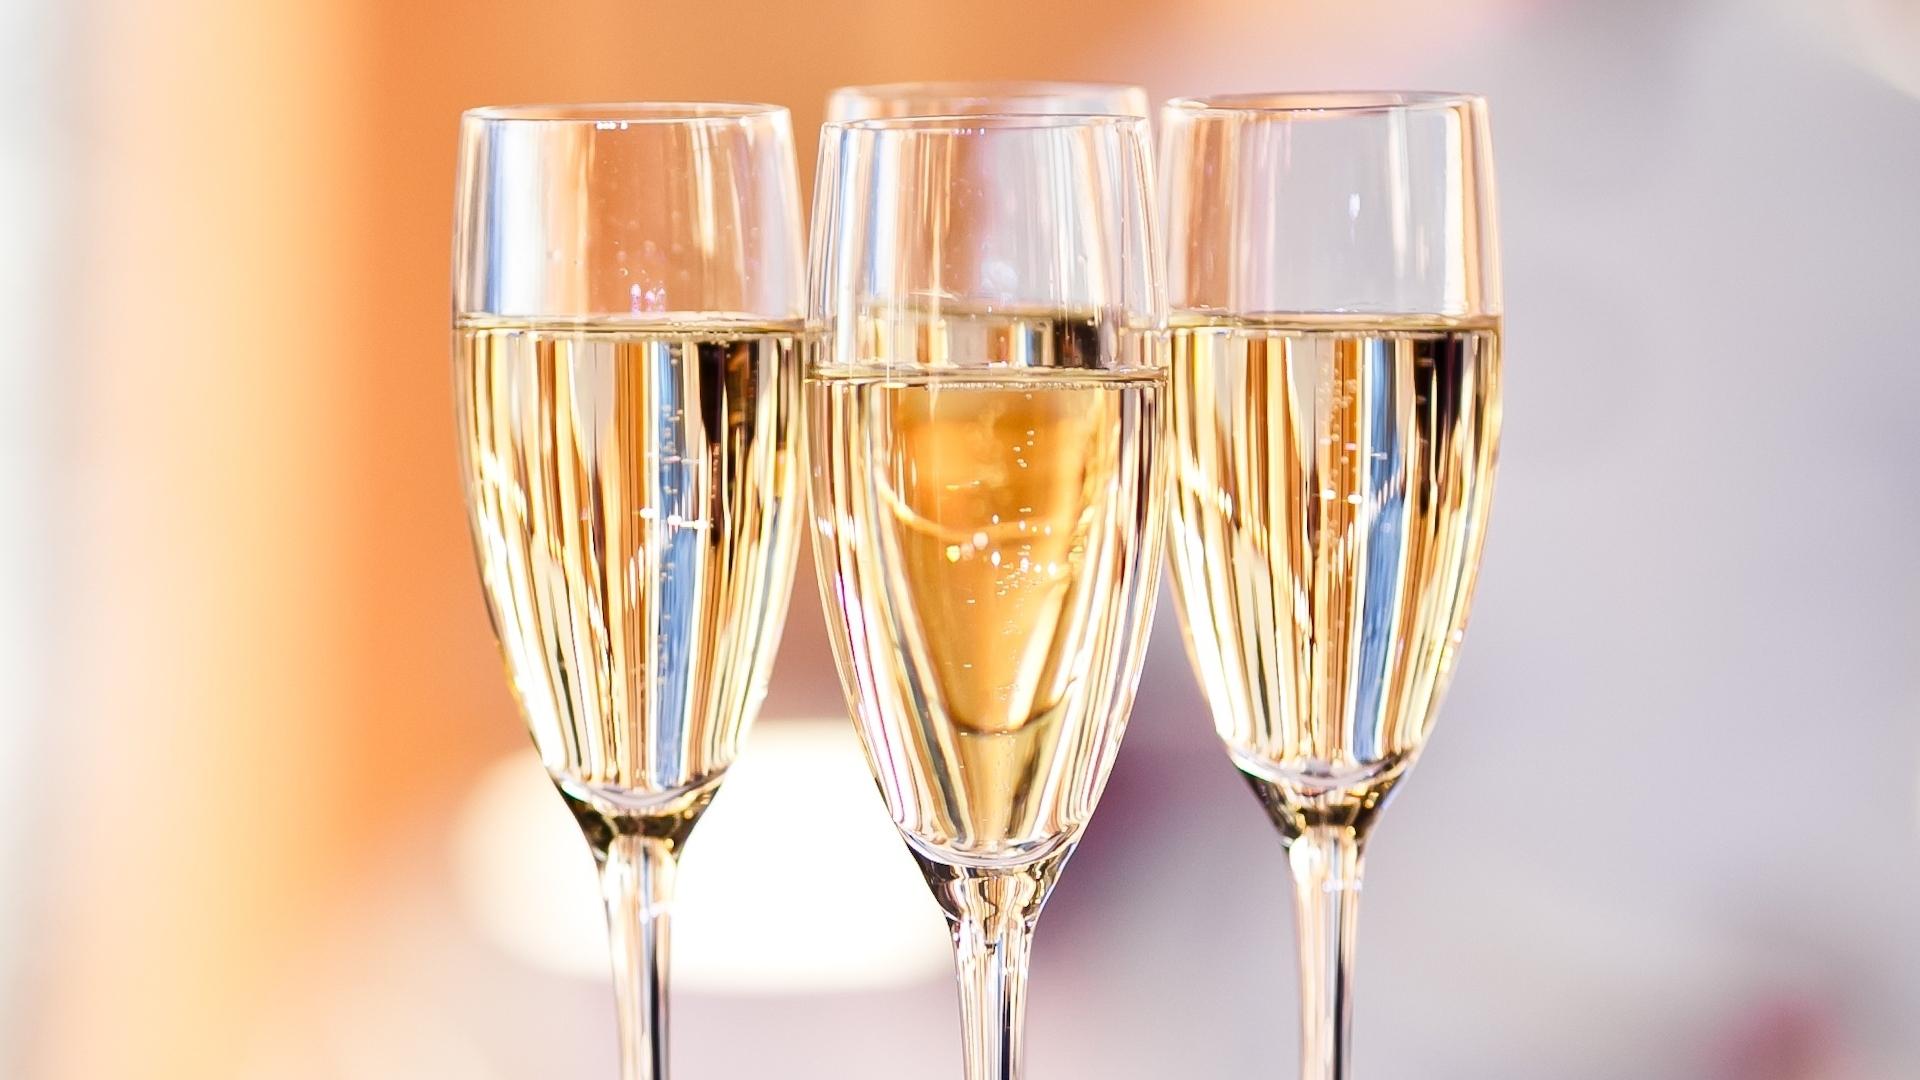 Vinho espumante: Quais os melhores de 2020?